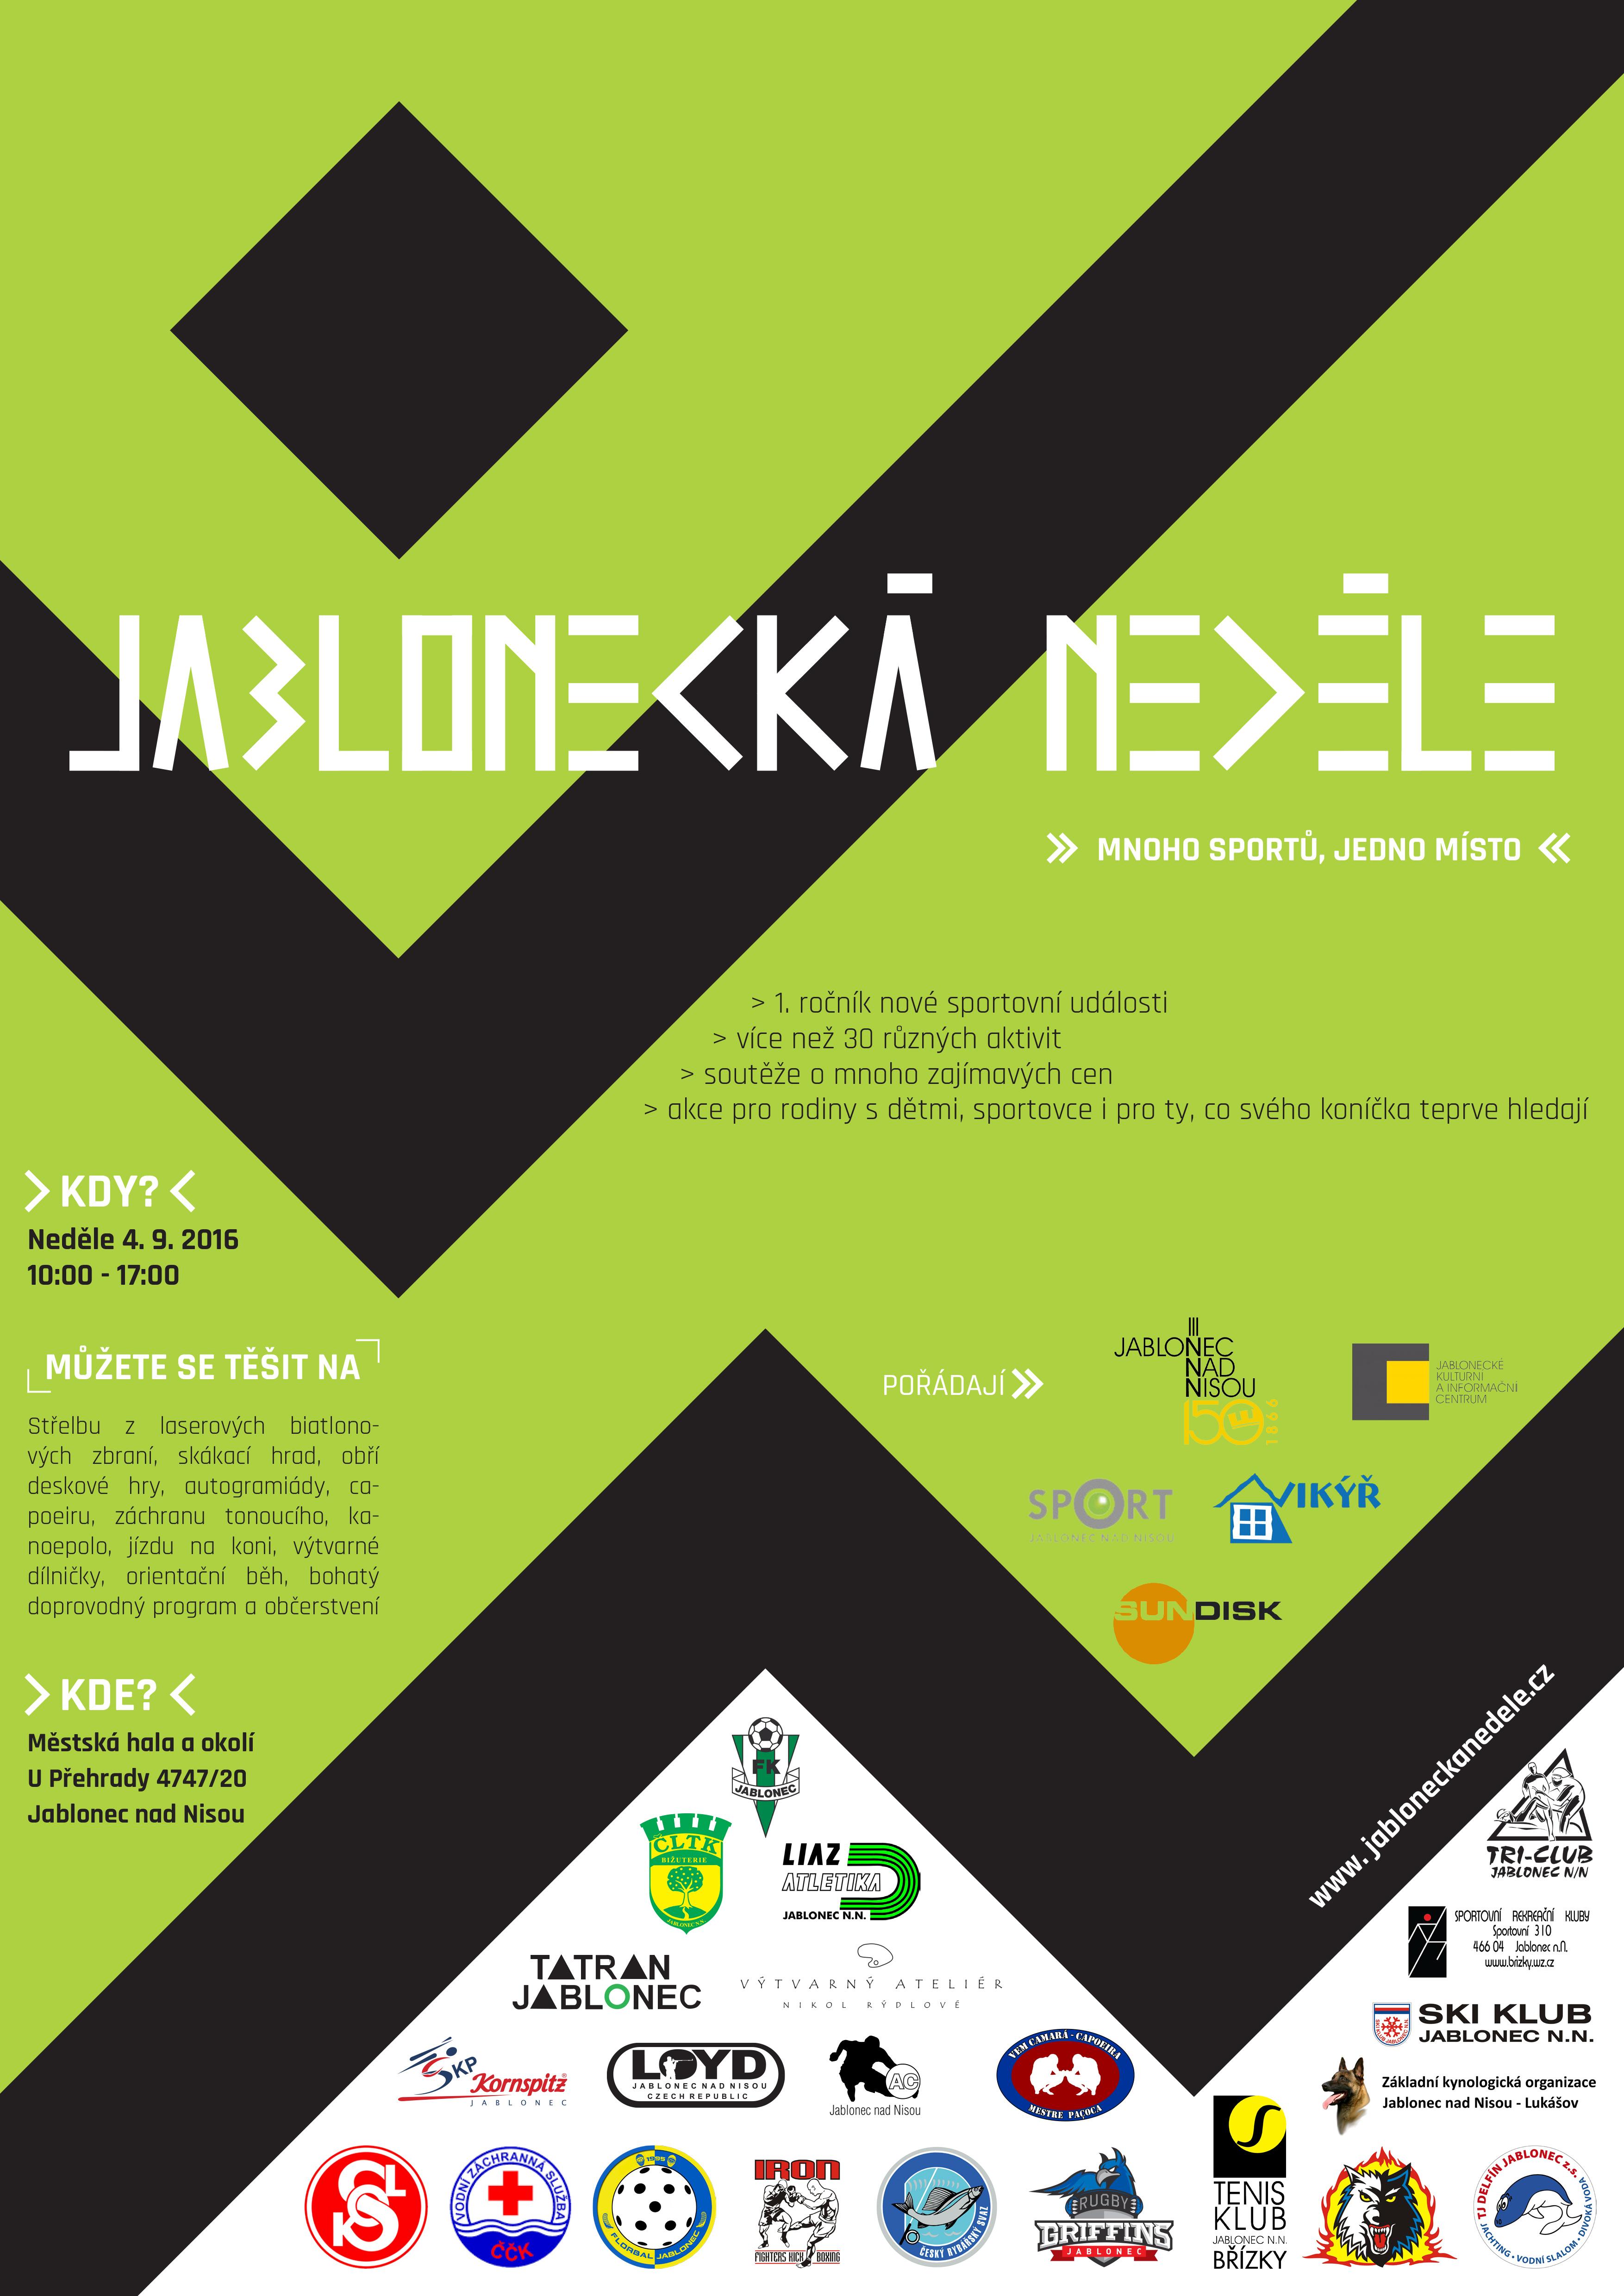 Plakát Jablonecká neděle